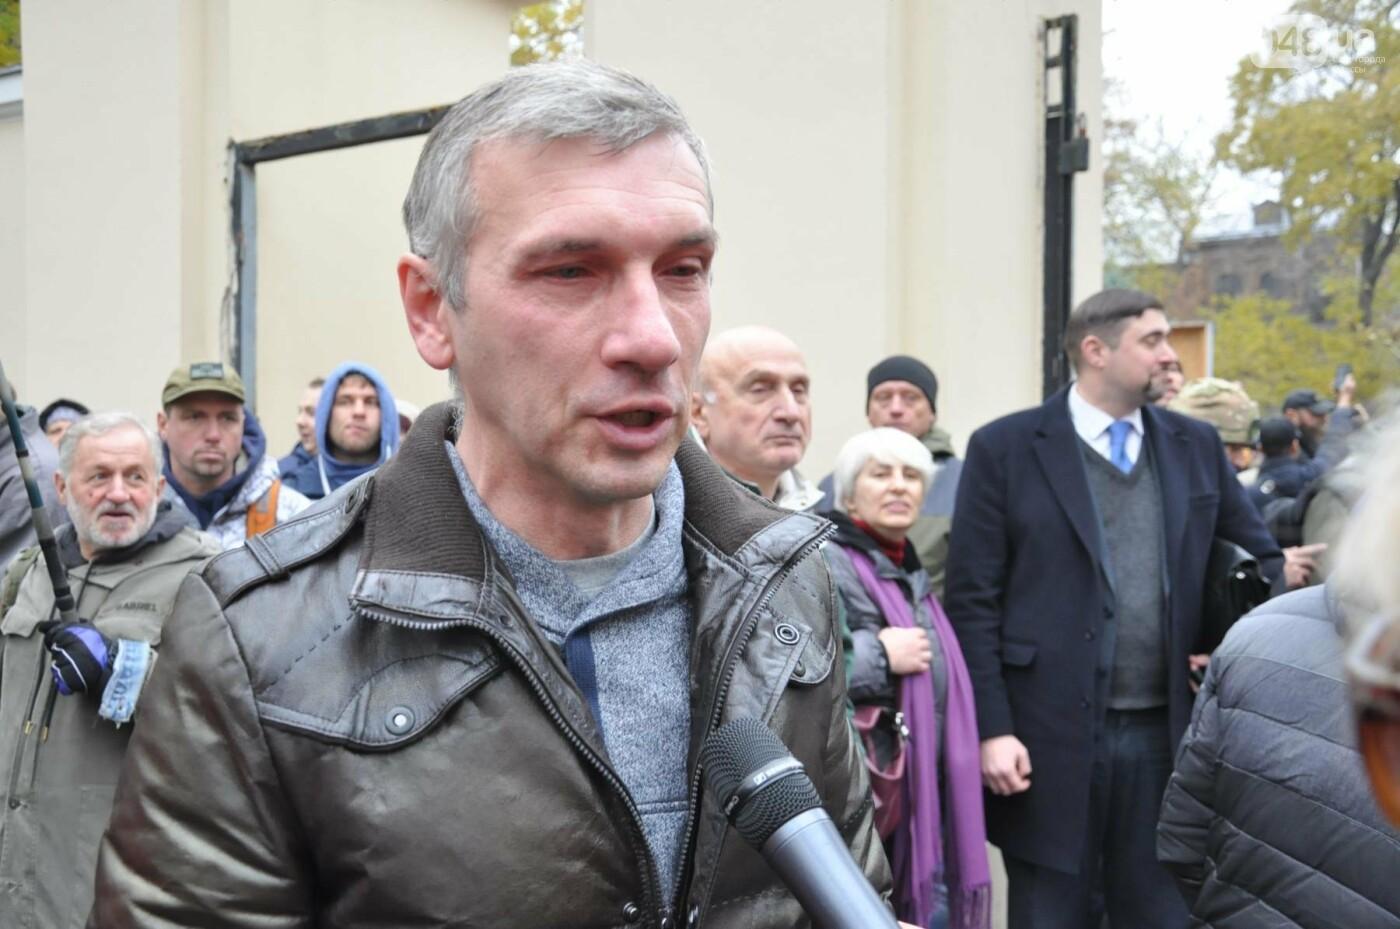 Одесситы обвинили полицию в провокациях (ФОТО, ВИДЕО), фото-1